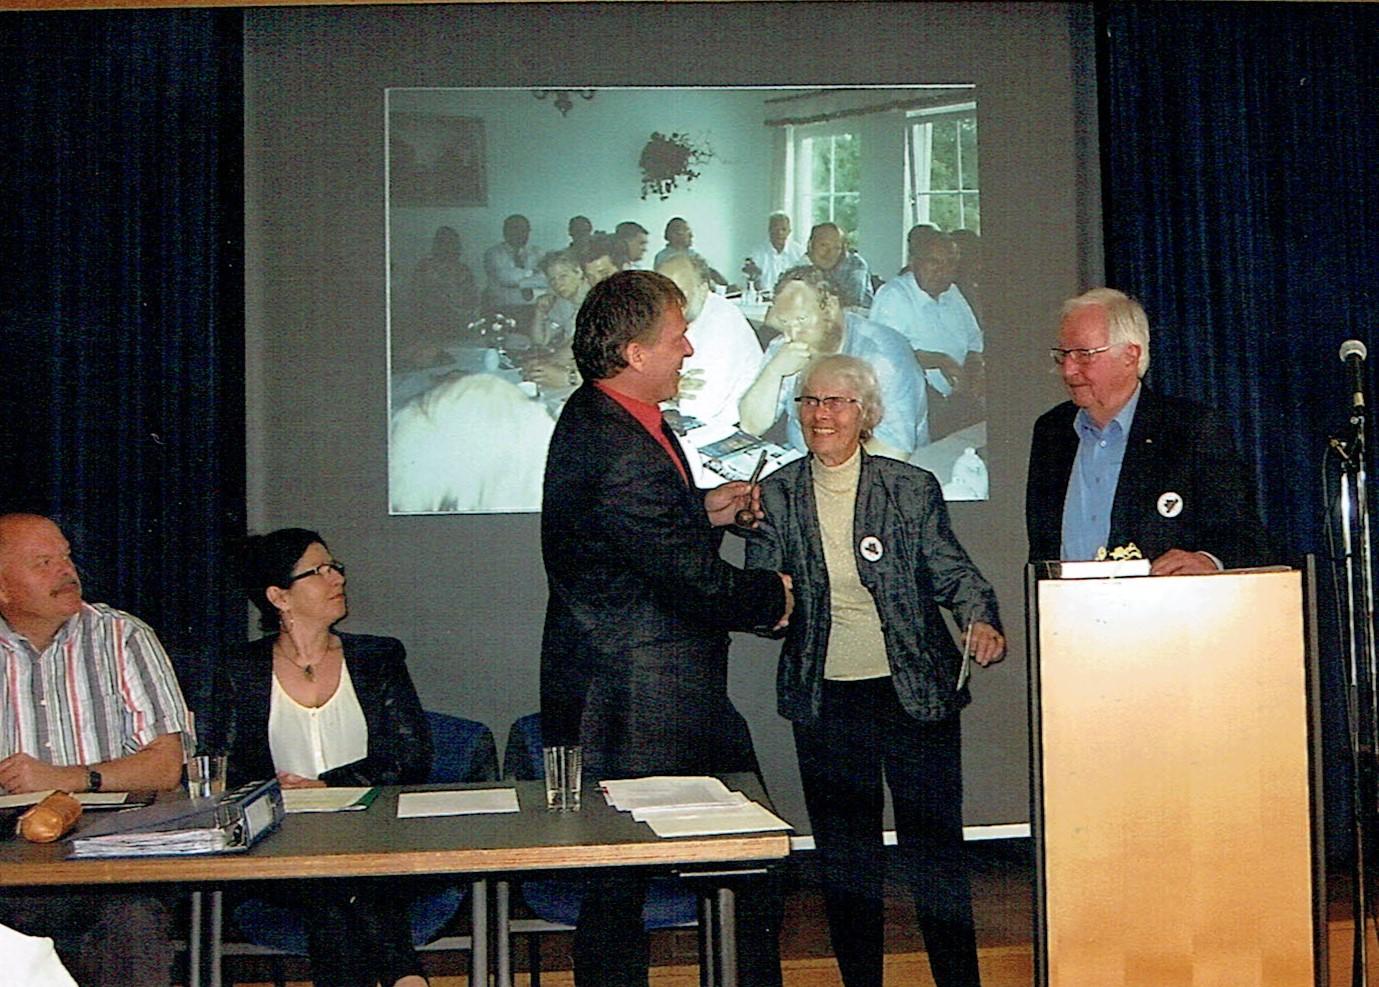 Nachträgliche Übergabe des Preises des Landkreises Uckermark 2014 an Frau Lilli Gramke (2. v. r.) durch Jürgen Theil. Reinhard Timm und Birgit Biadacz (von links), Prof. Christian Uhlig (rechts). (Foto: Horst Theil)